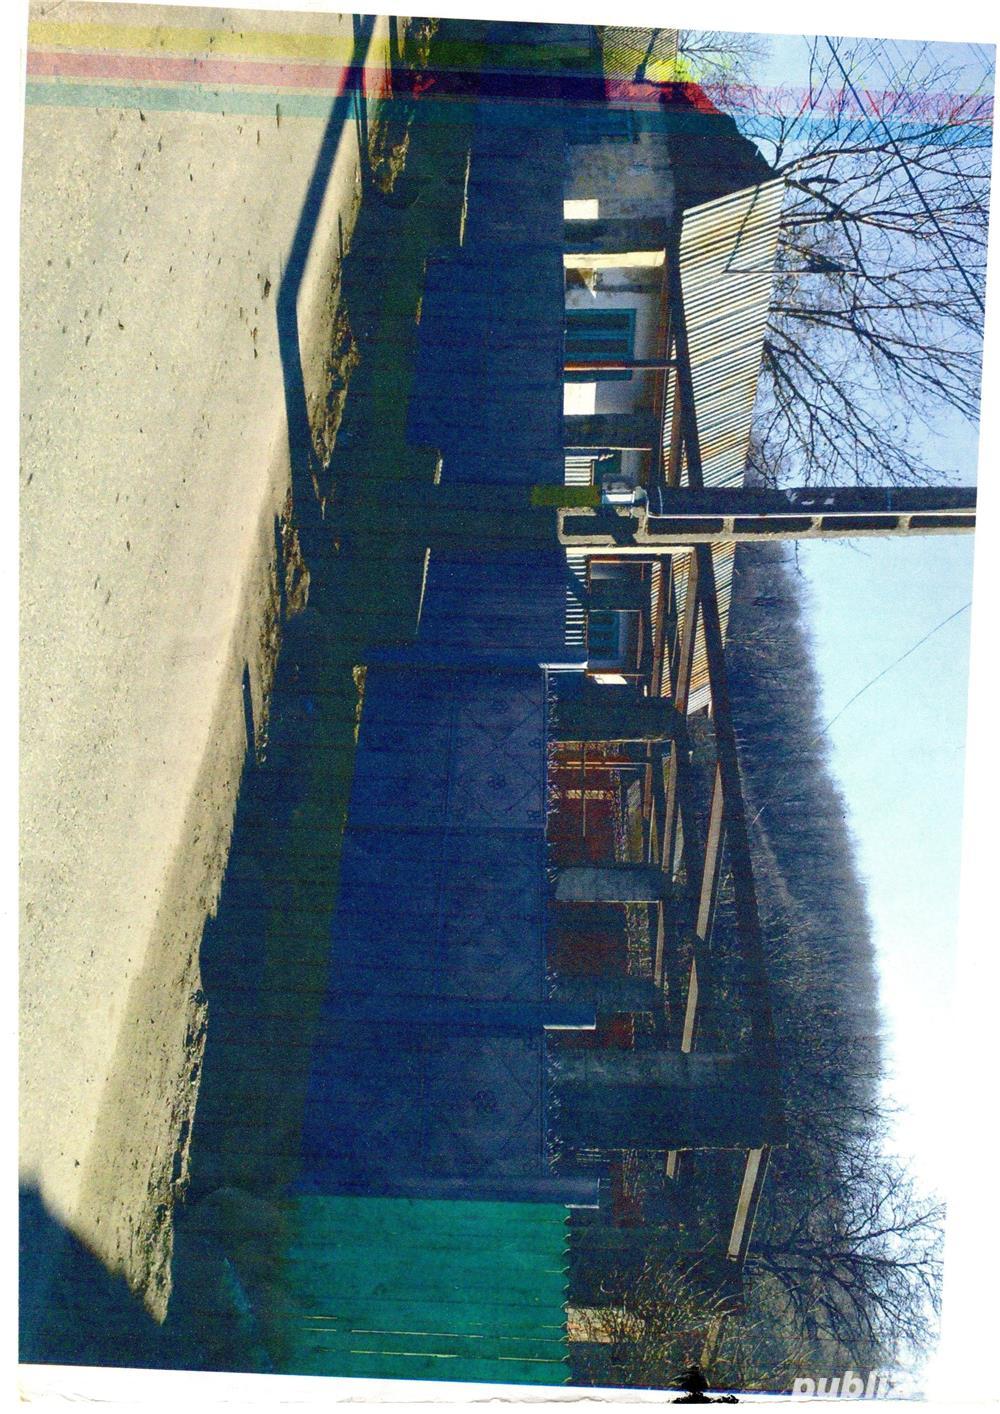 Vand spatiu comercial cu casa in constructie